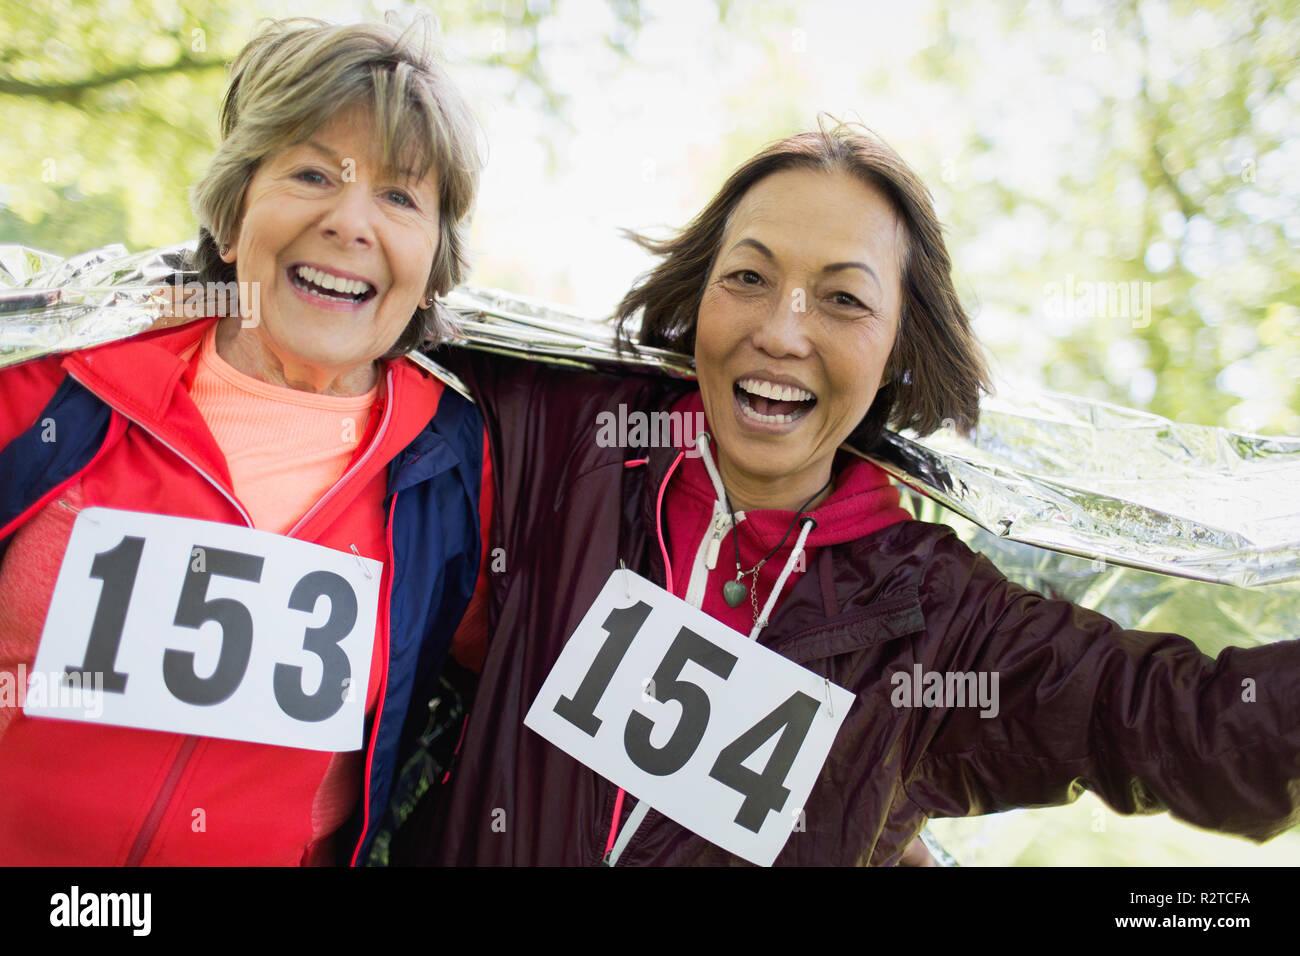 Retrato sonriente, seguro activo mujeres senior acabado la carrera deportiva, envuelto en una manta térmica Imagen De Stock